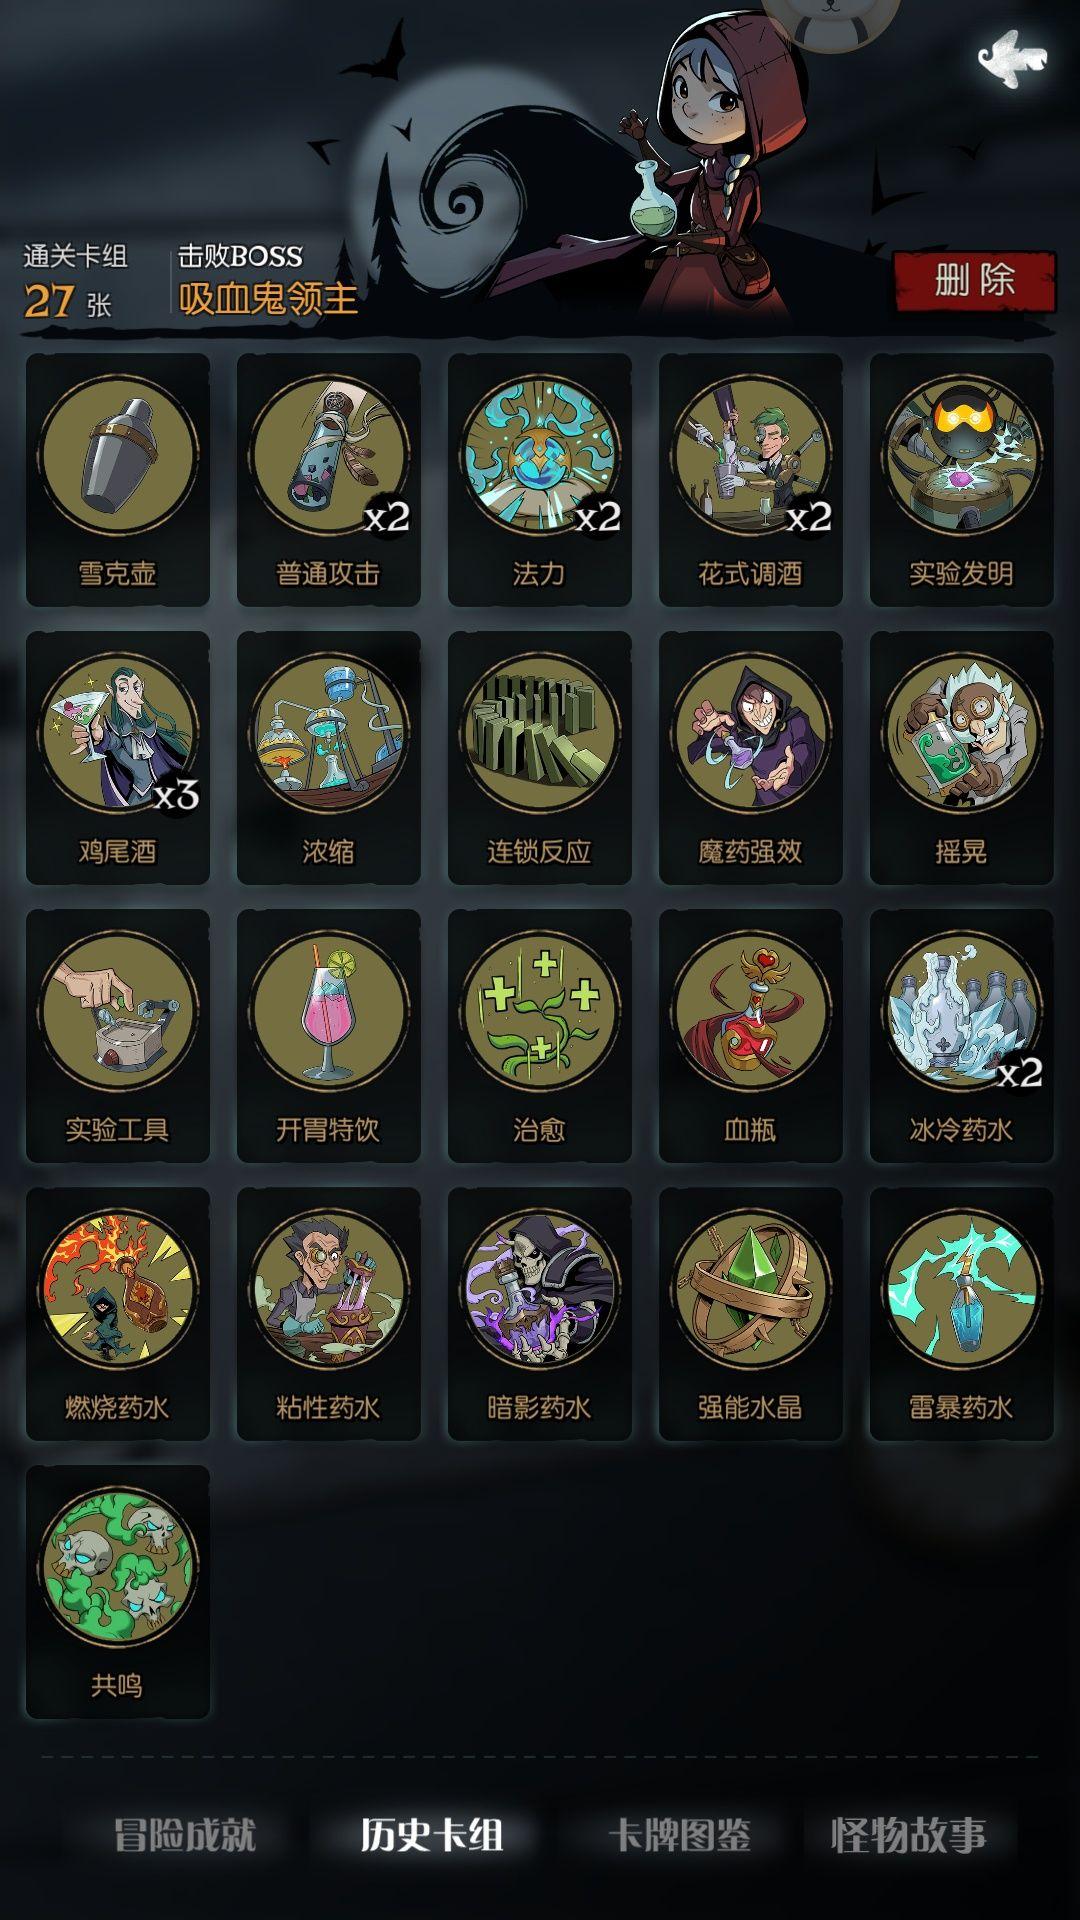 张茆_月圆之夜雪克壶攻略_游戏369